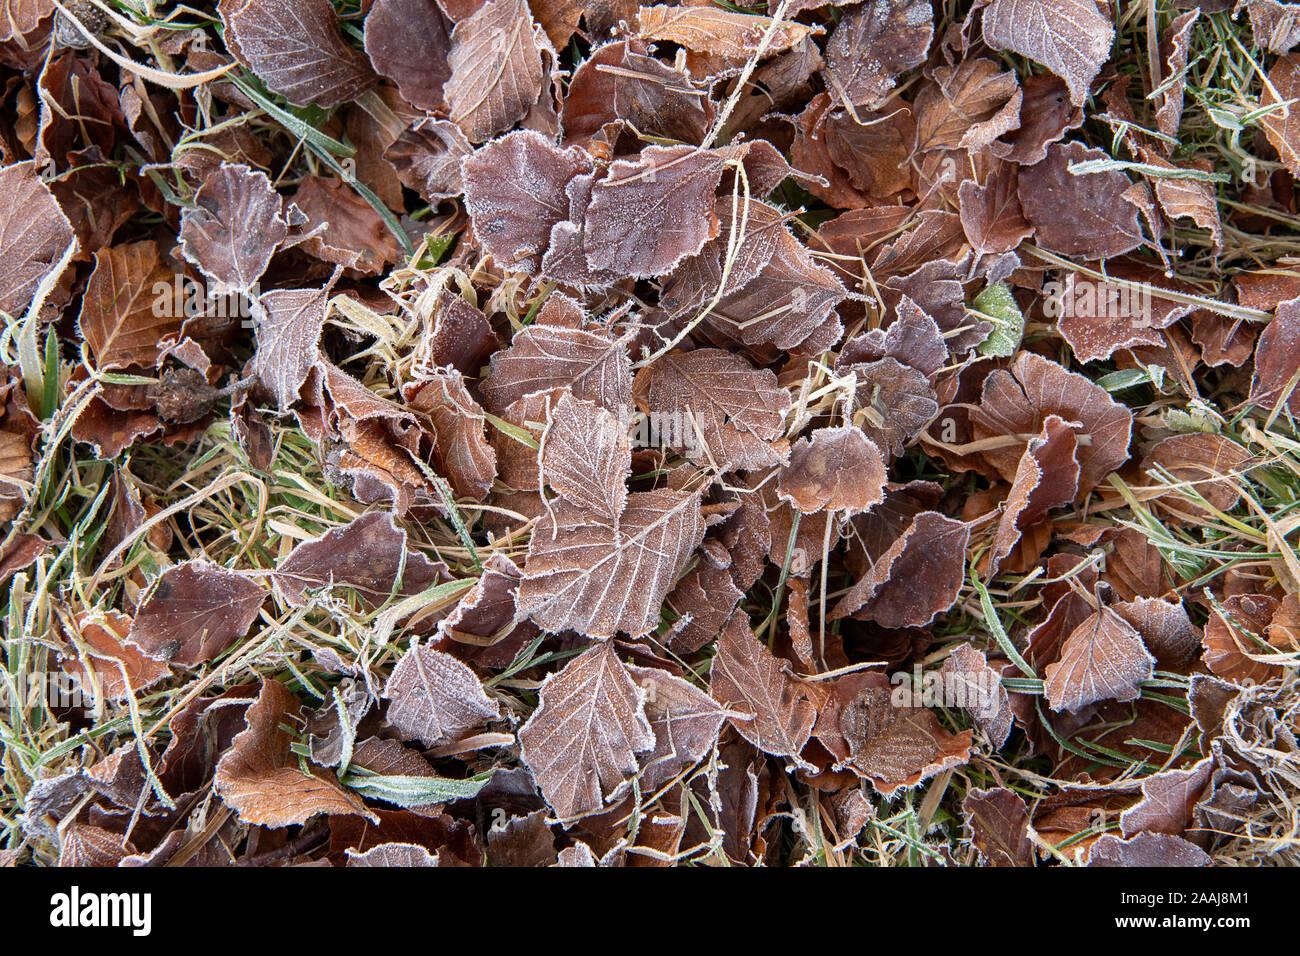 Foglie di faggio sul pavimento coperto di brina trasformata per forte gradiente su un tardo autunno mattina. North Yorkshire, Regno Unito. Foto Stock